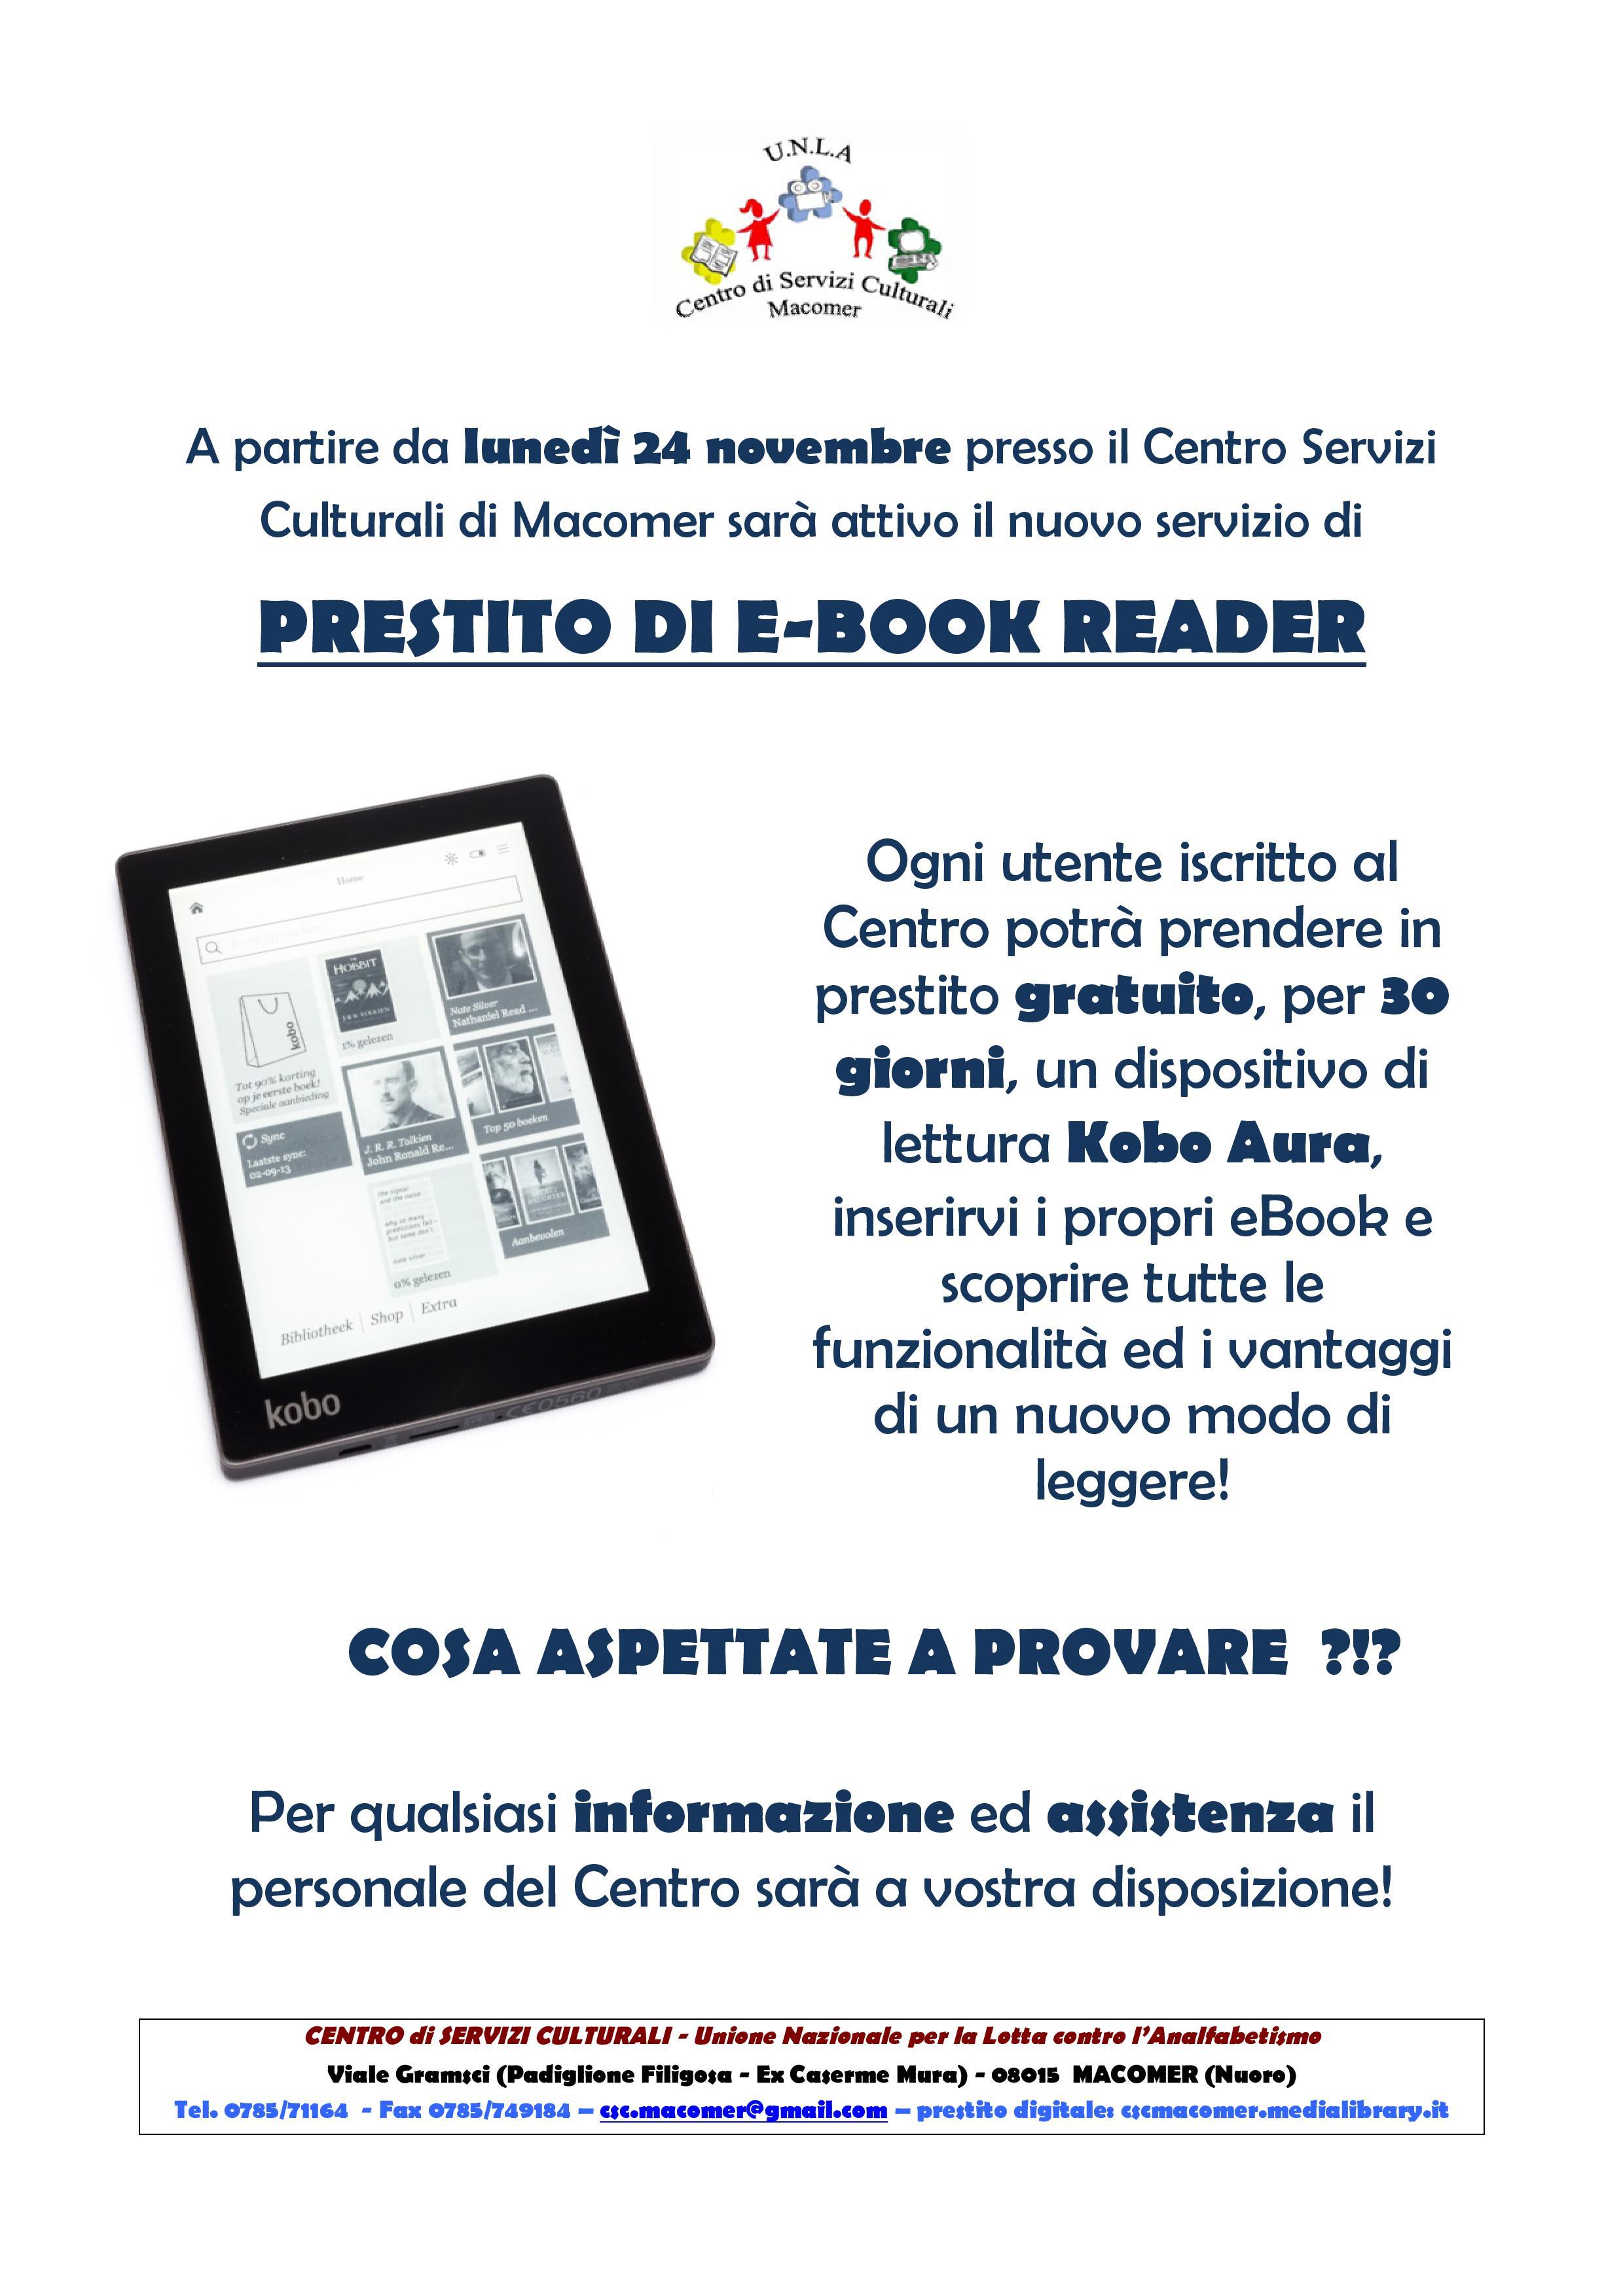 Prestito gratuito dei dispositivi di lettura per ebook